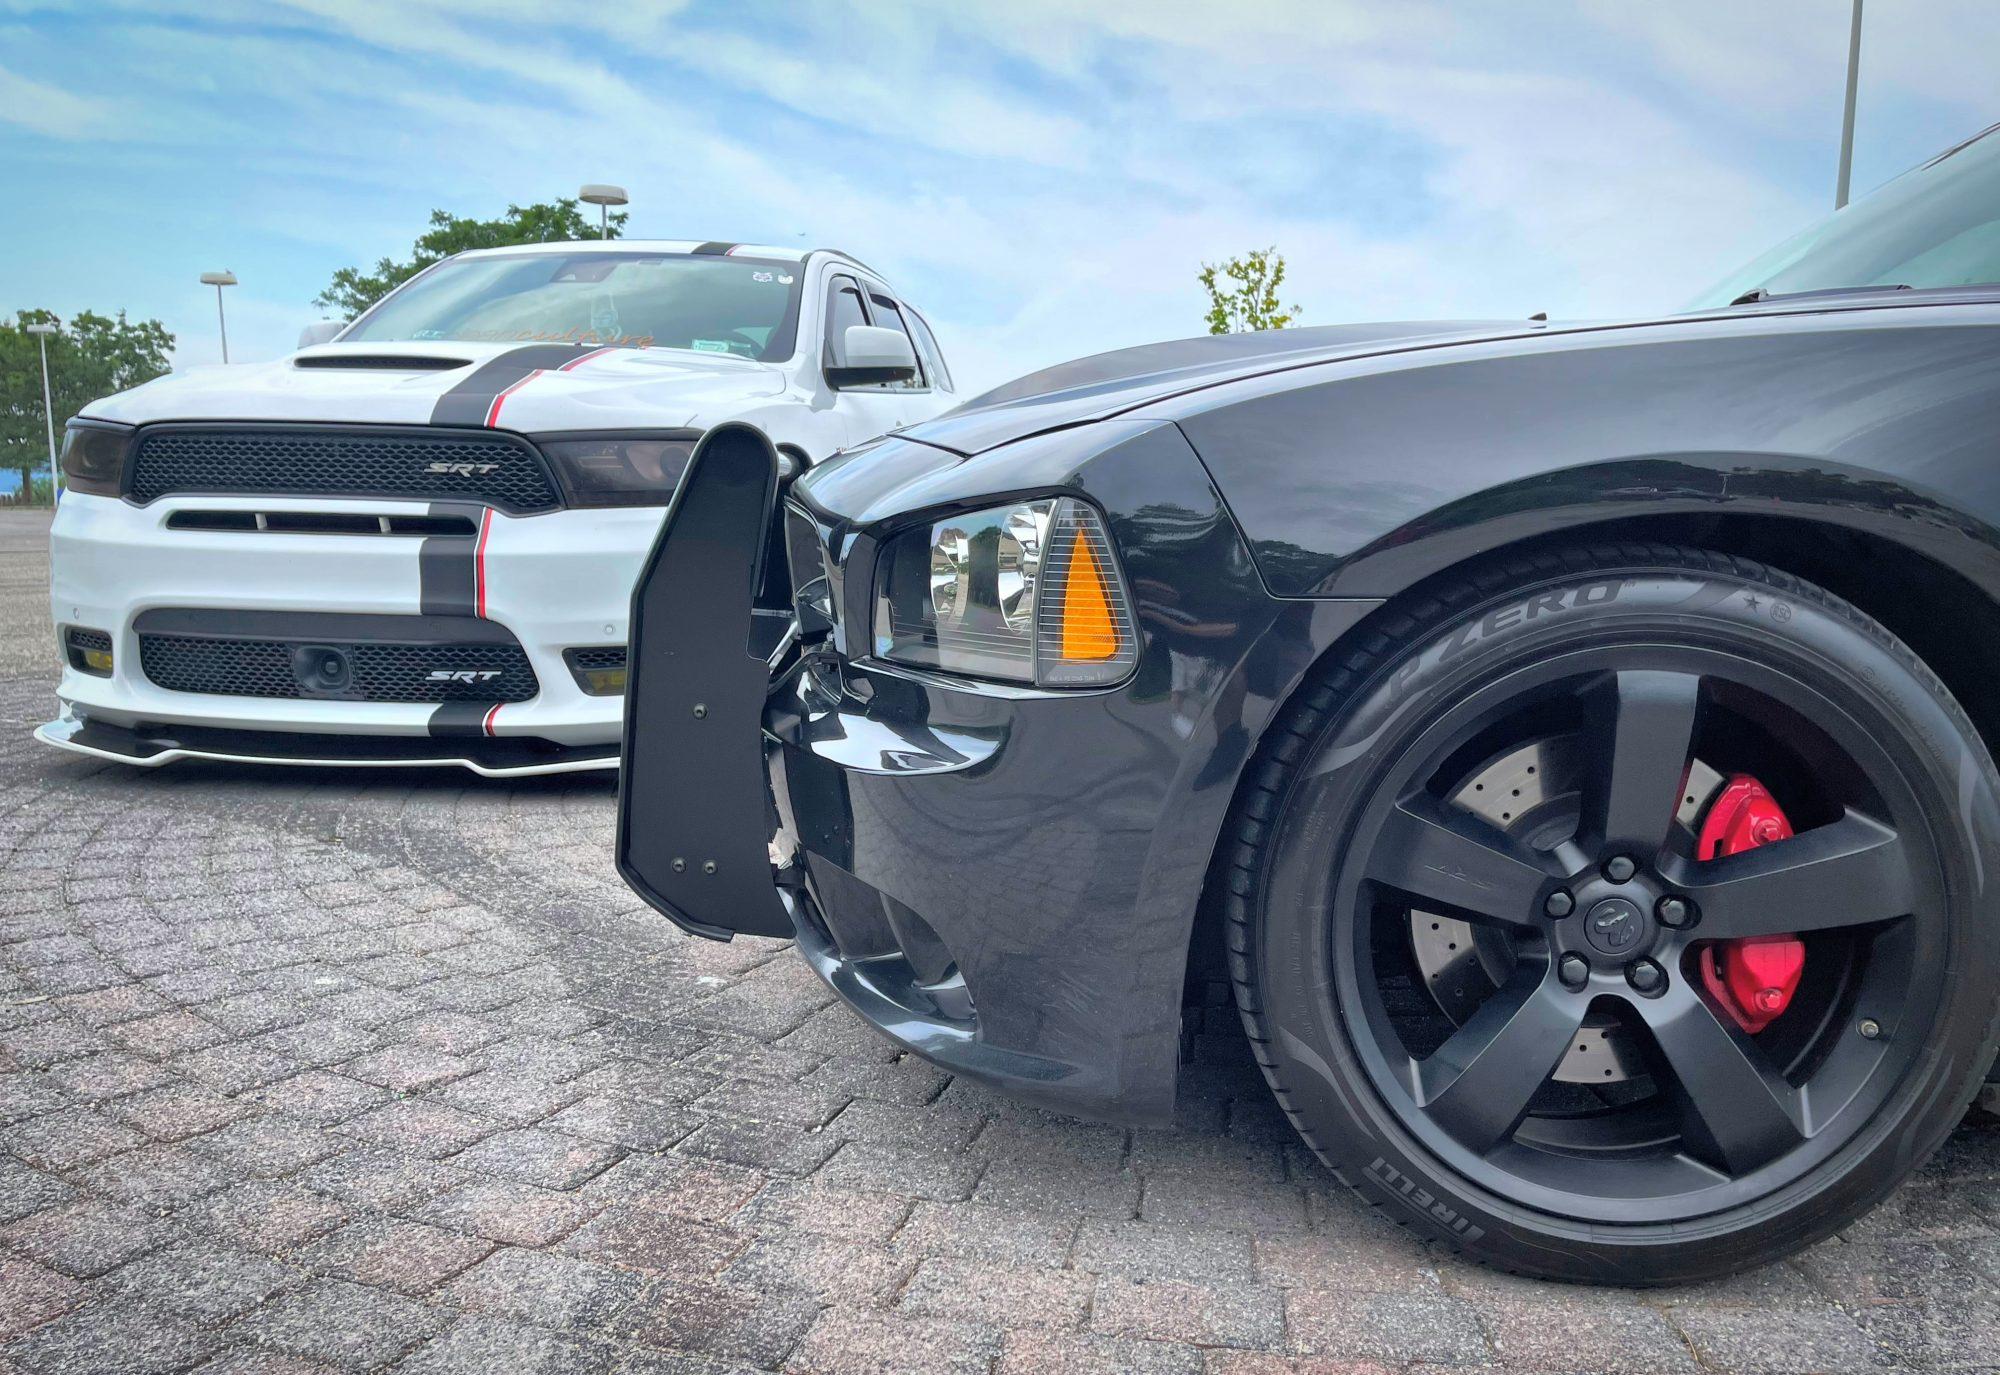 Dodge Charger R/T & Durango SRT